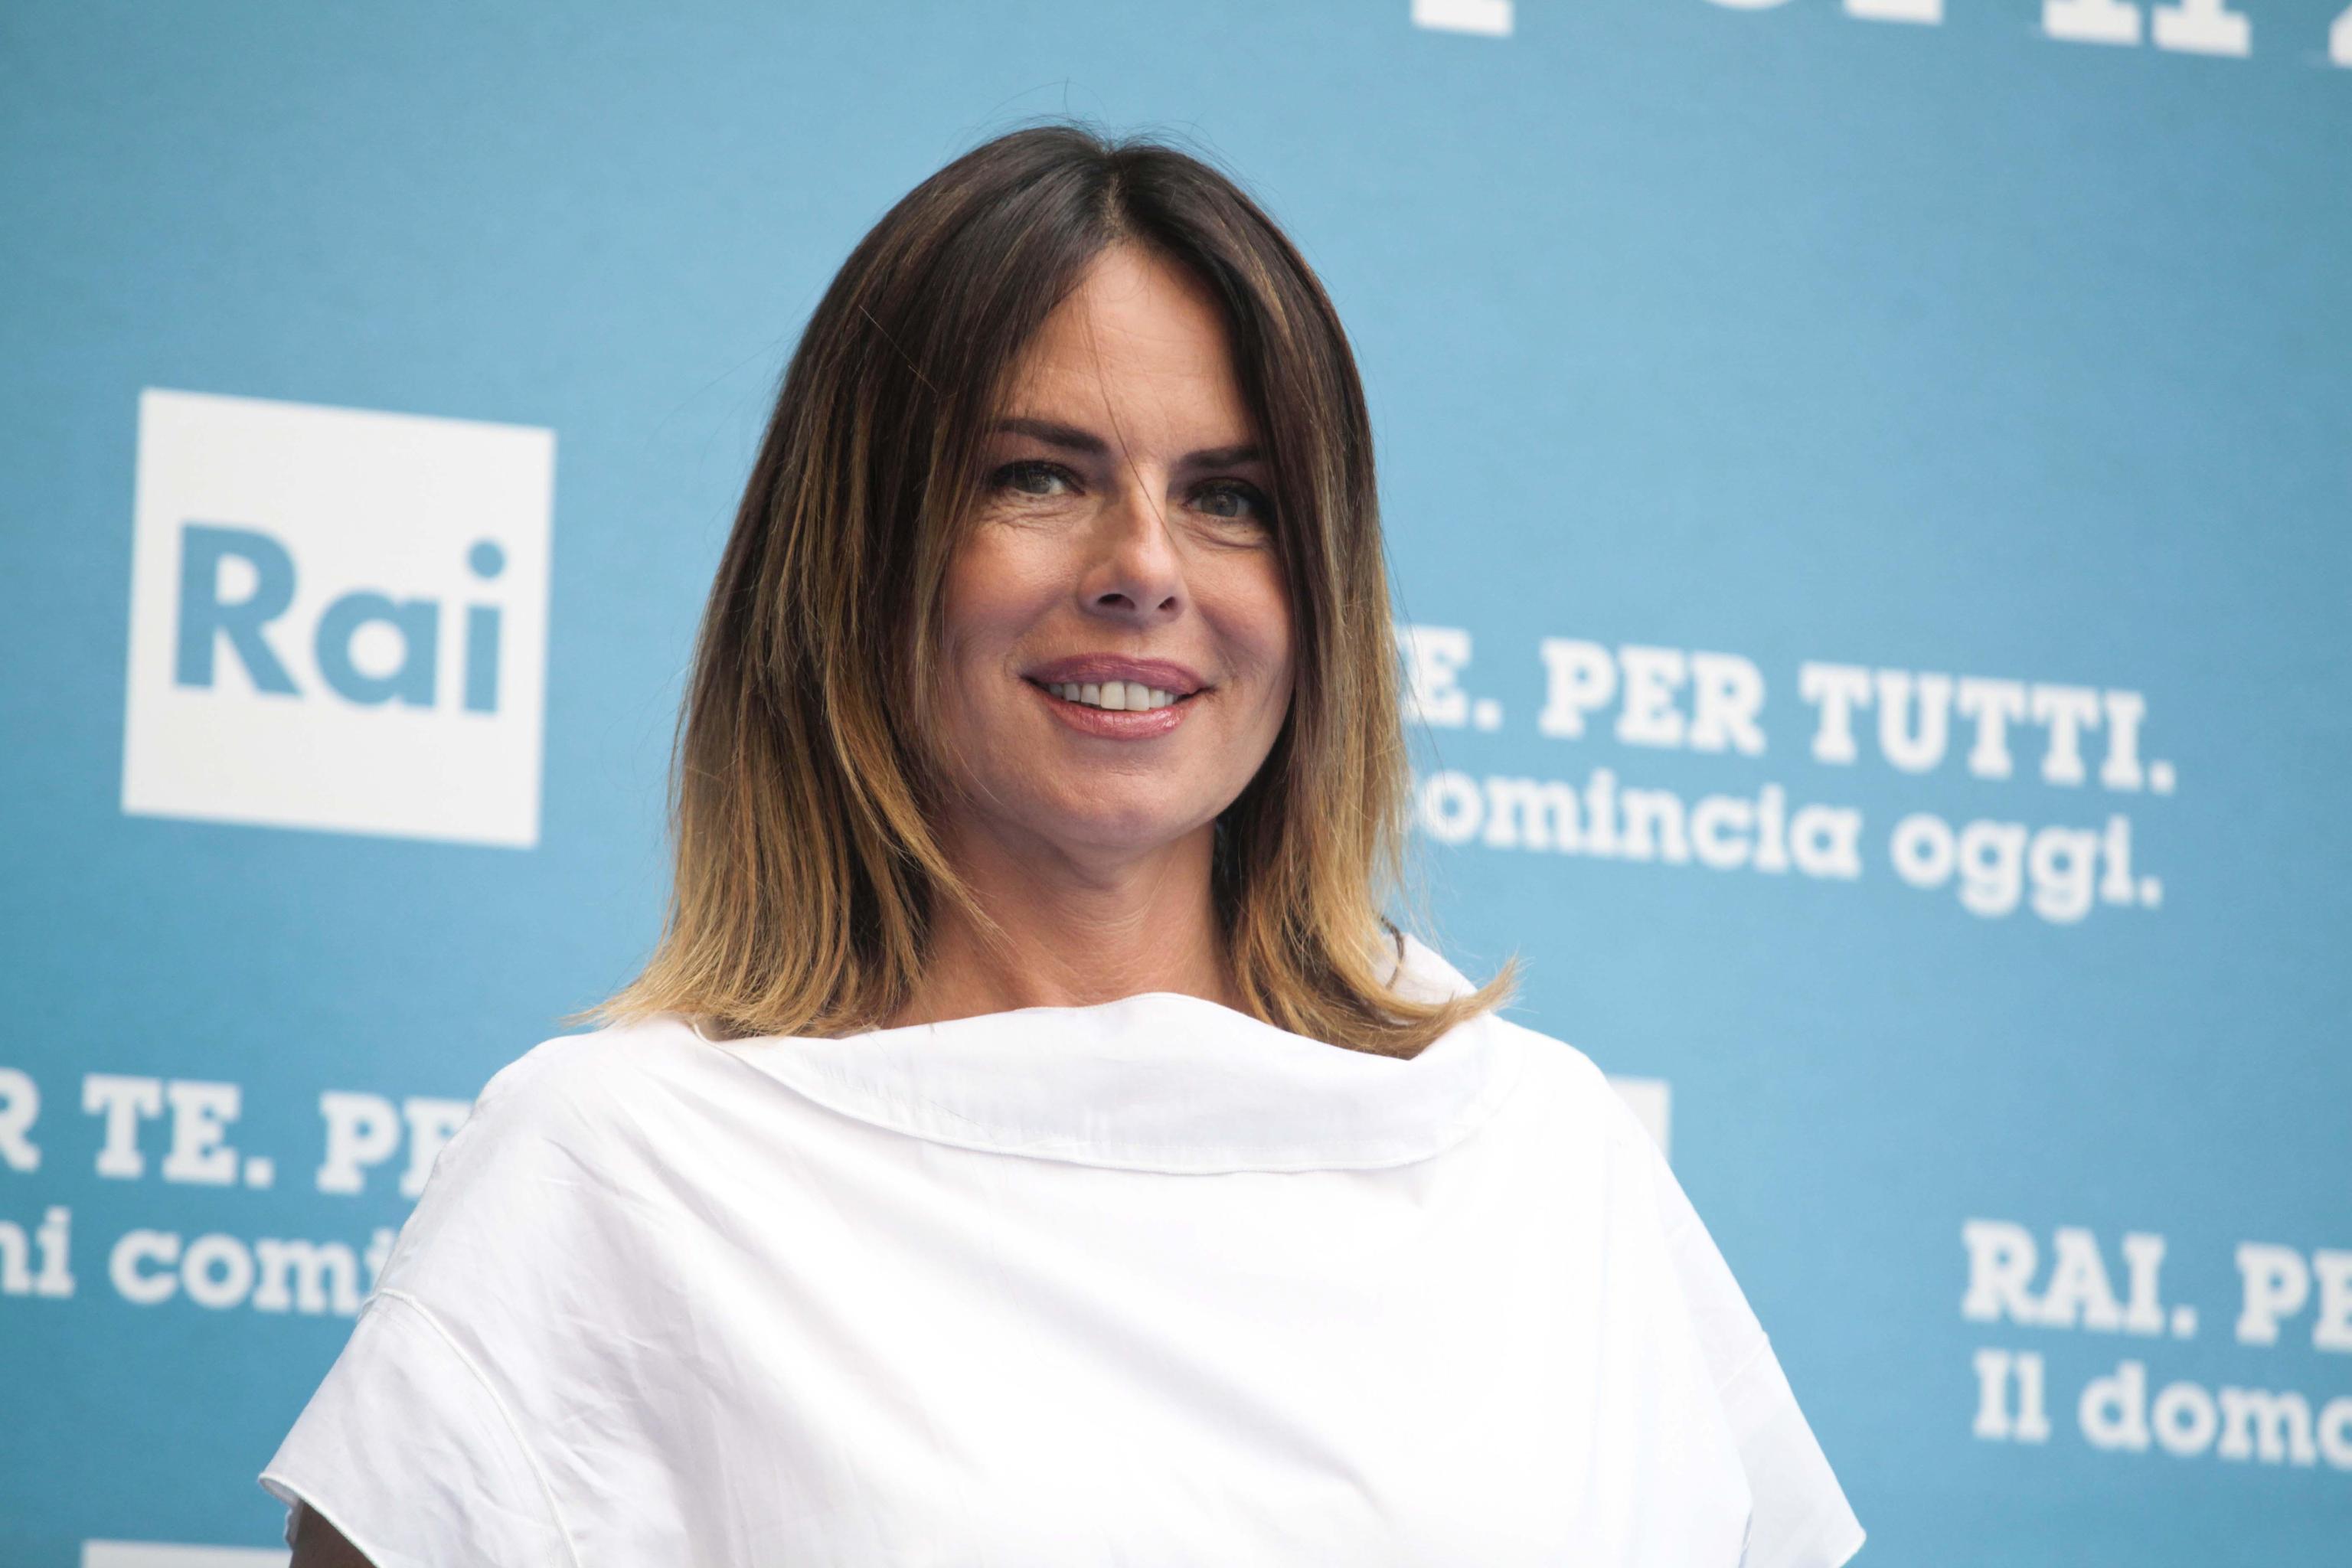 Paola Perego senza veli a Formentera con il marito Lucio Presta